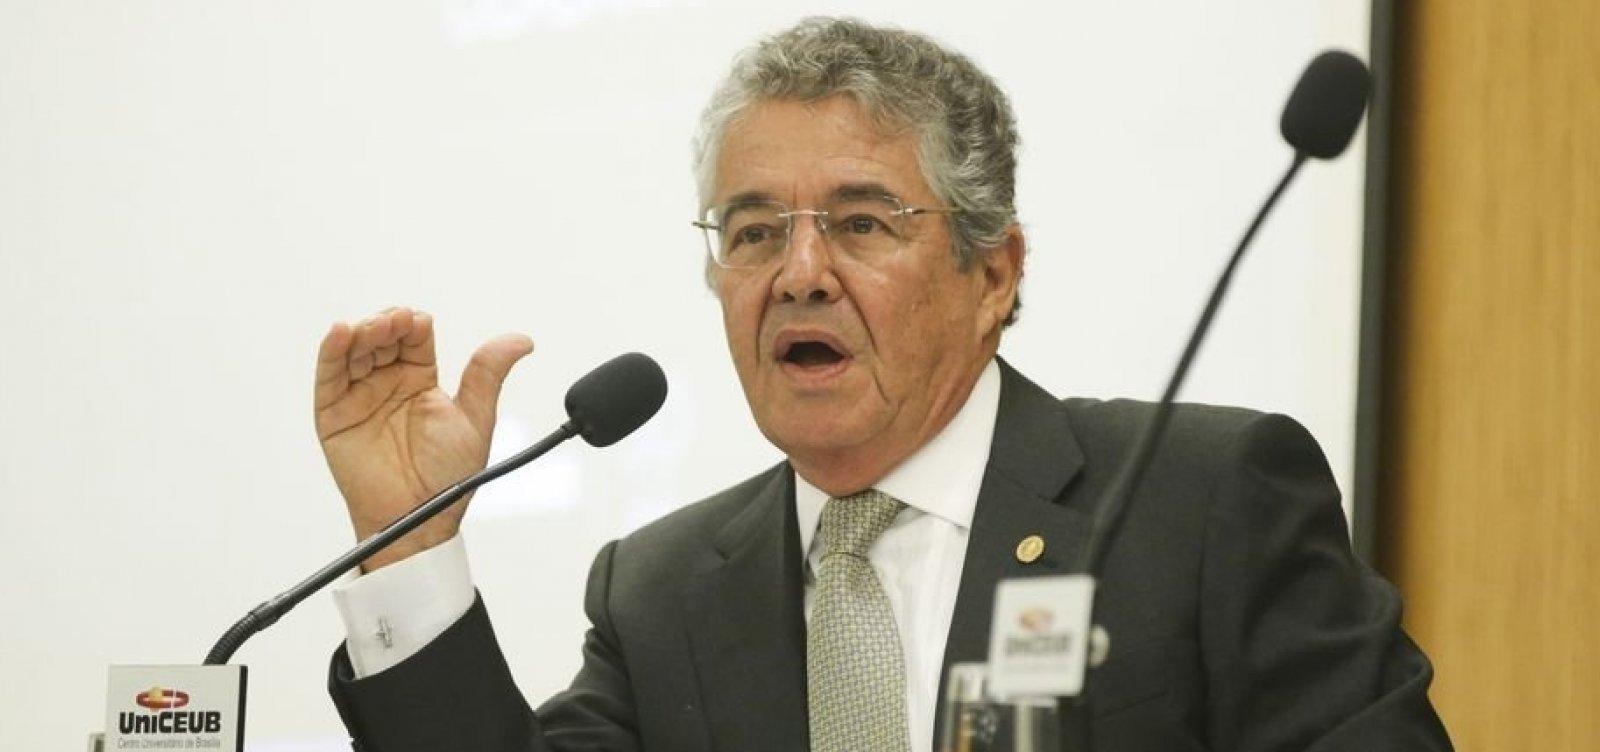 [Marco Aurélio critica projeto de Moro: 'Antes 100 culpados soltos do que um inocente preso']